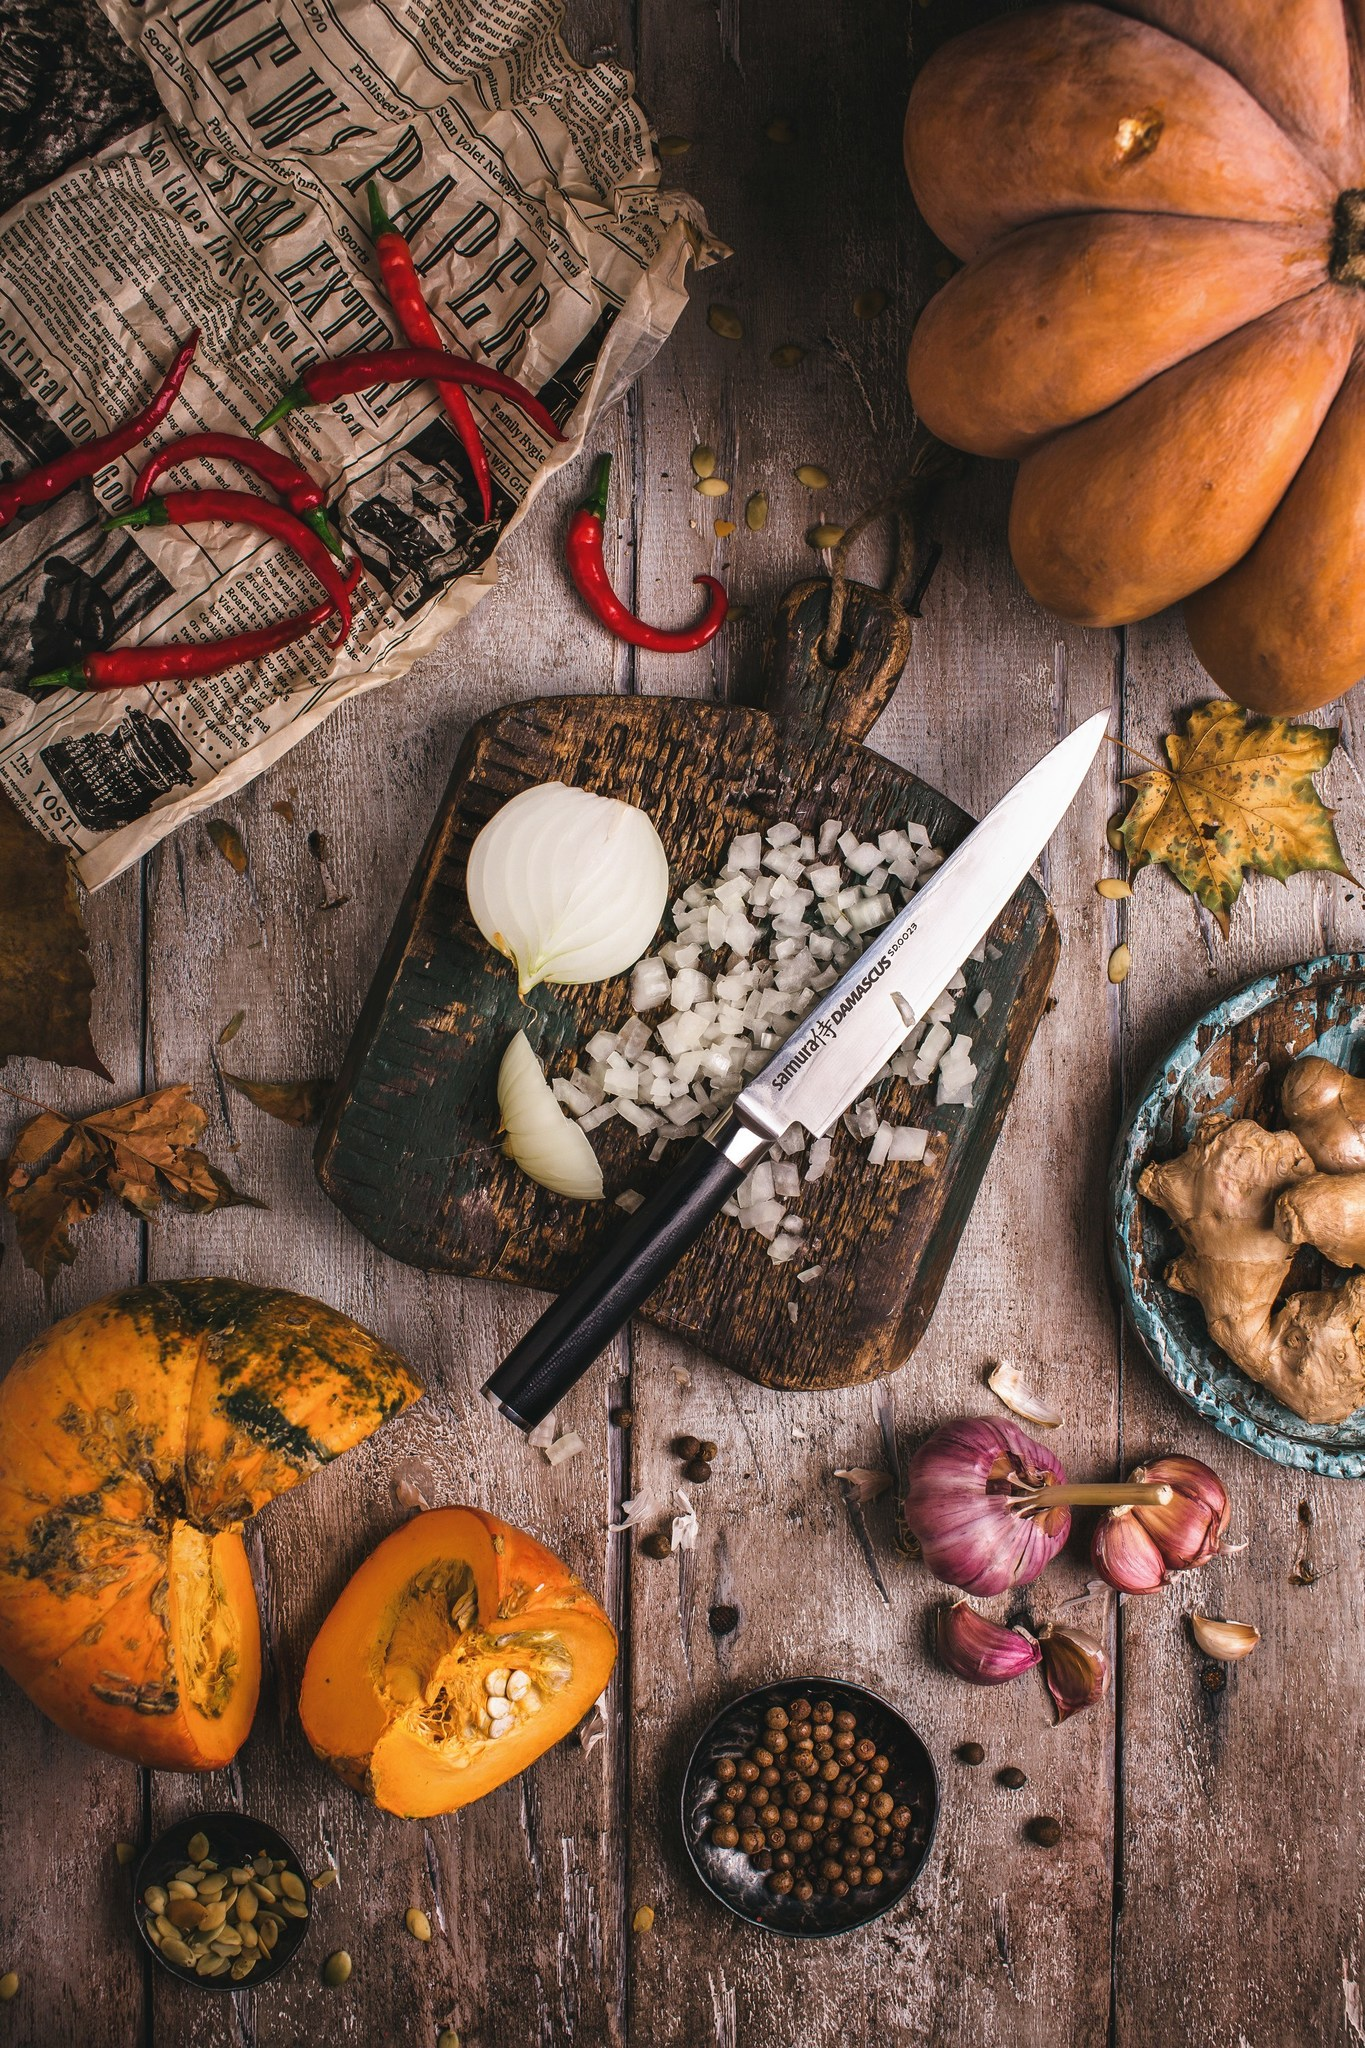 Фото 3 - Нож кухонный универсальный Samura Damascus SD-0023/Y, сталь VG-10/дамаск, рукоять G-10